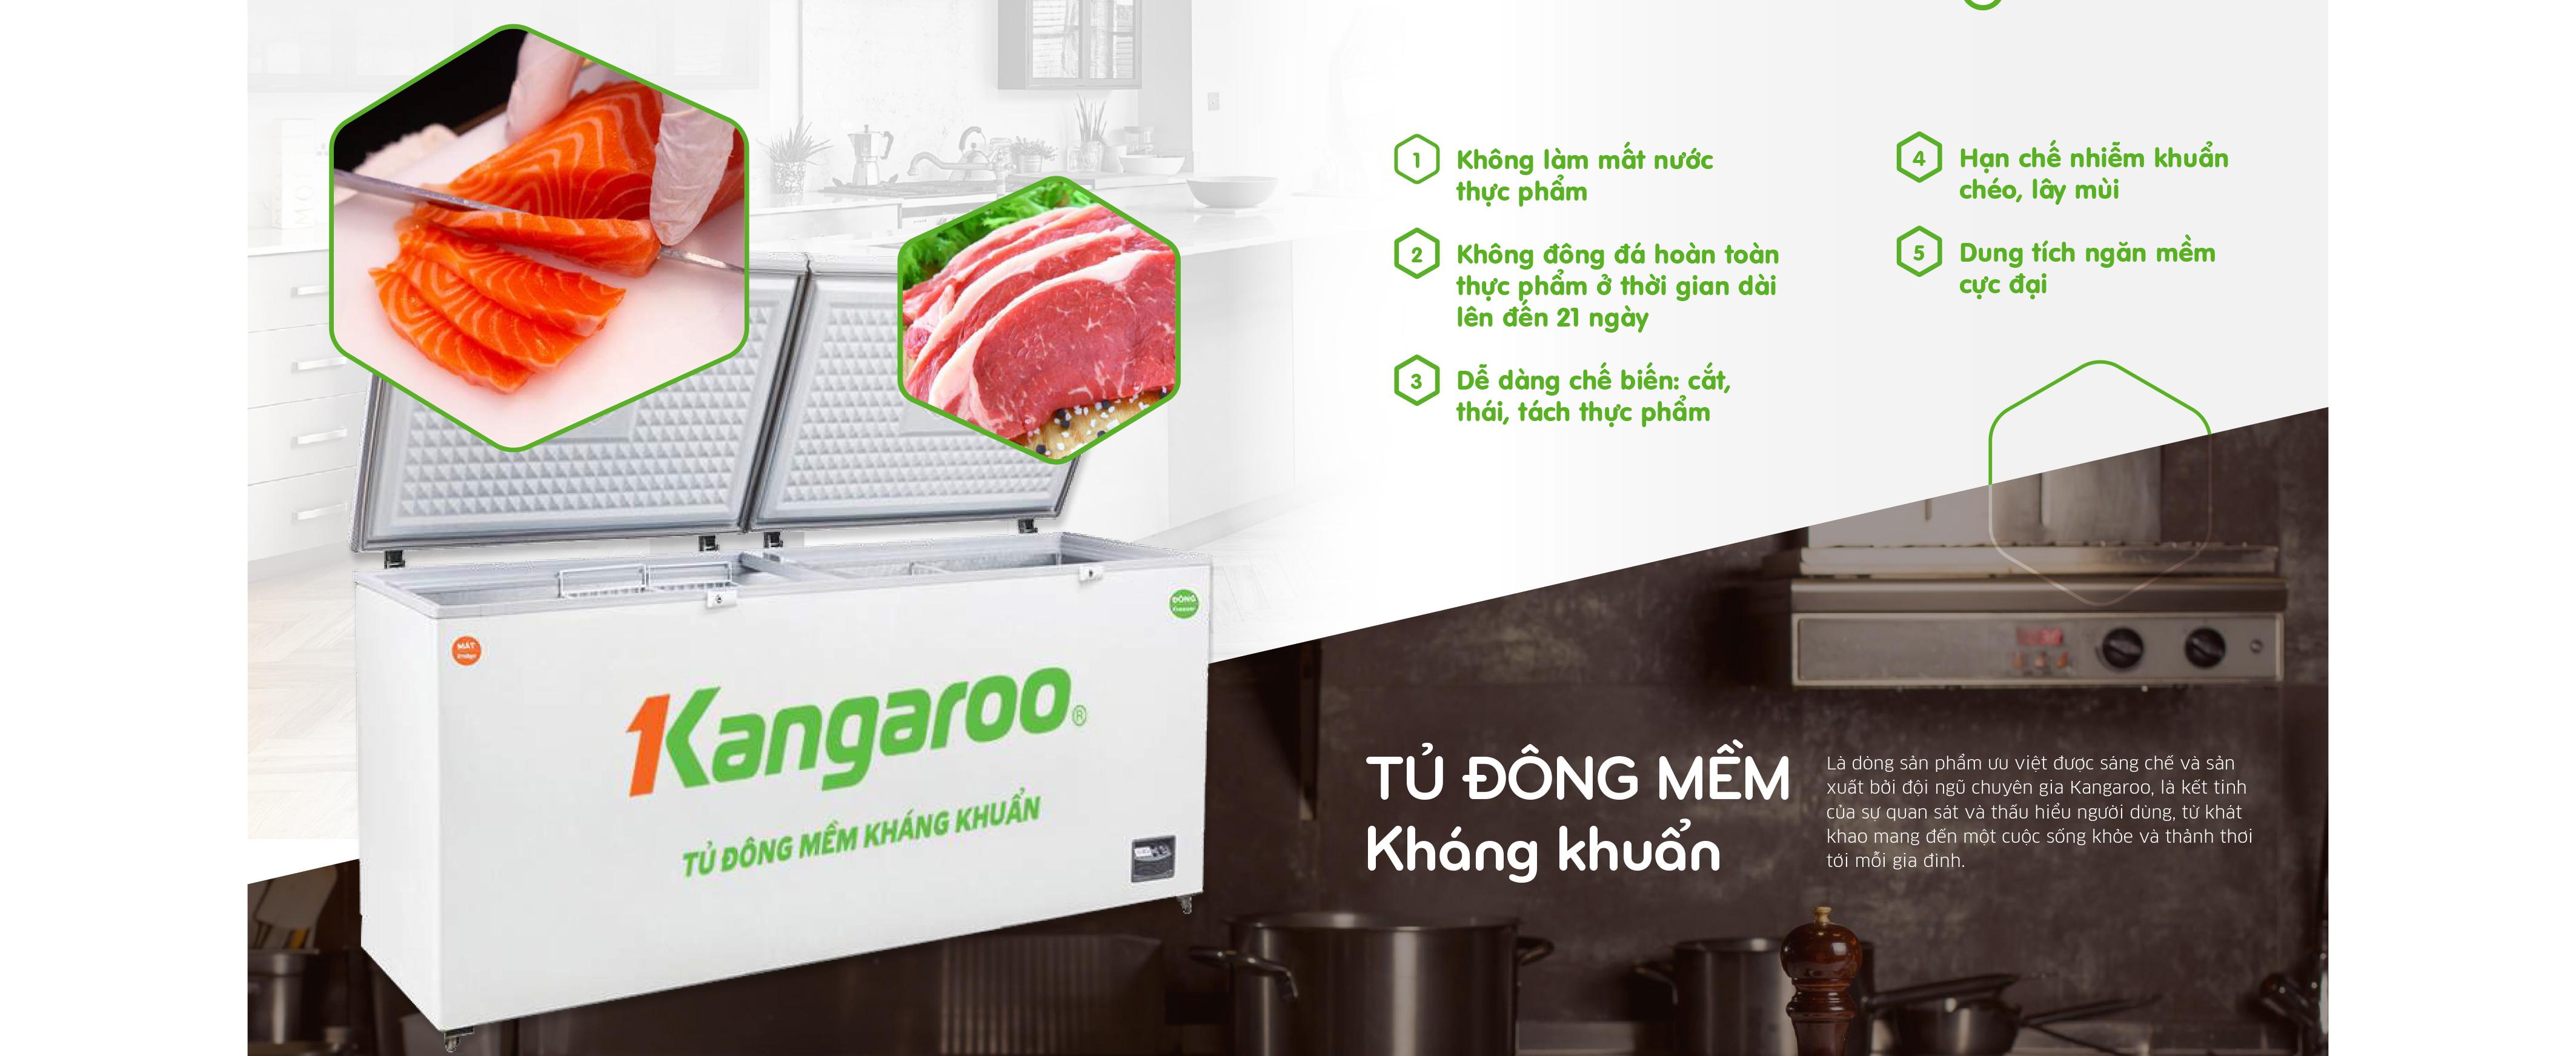 Tủ đông mềm kháng khuẩn Kangaroo